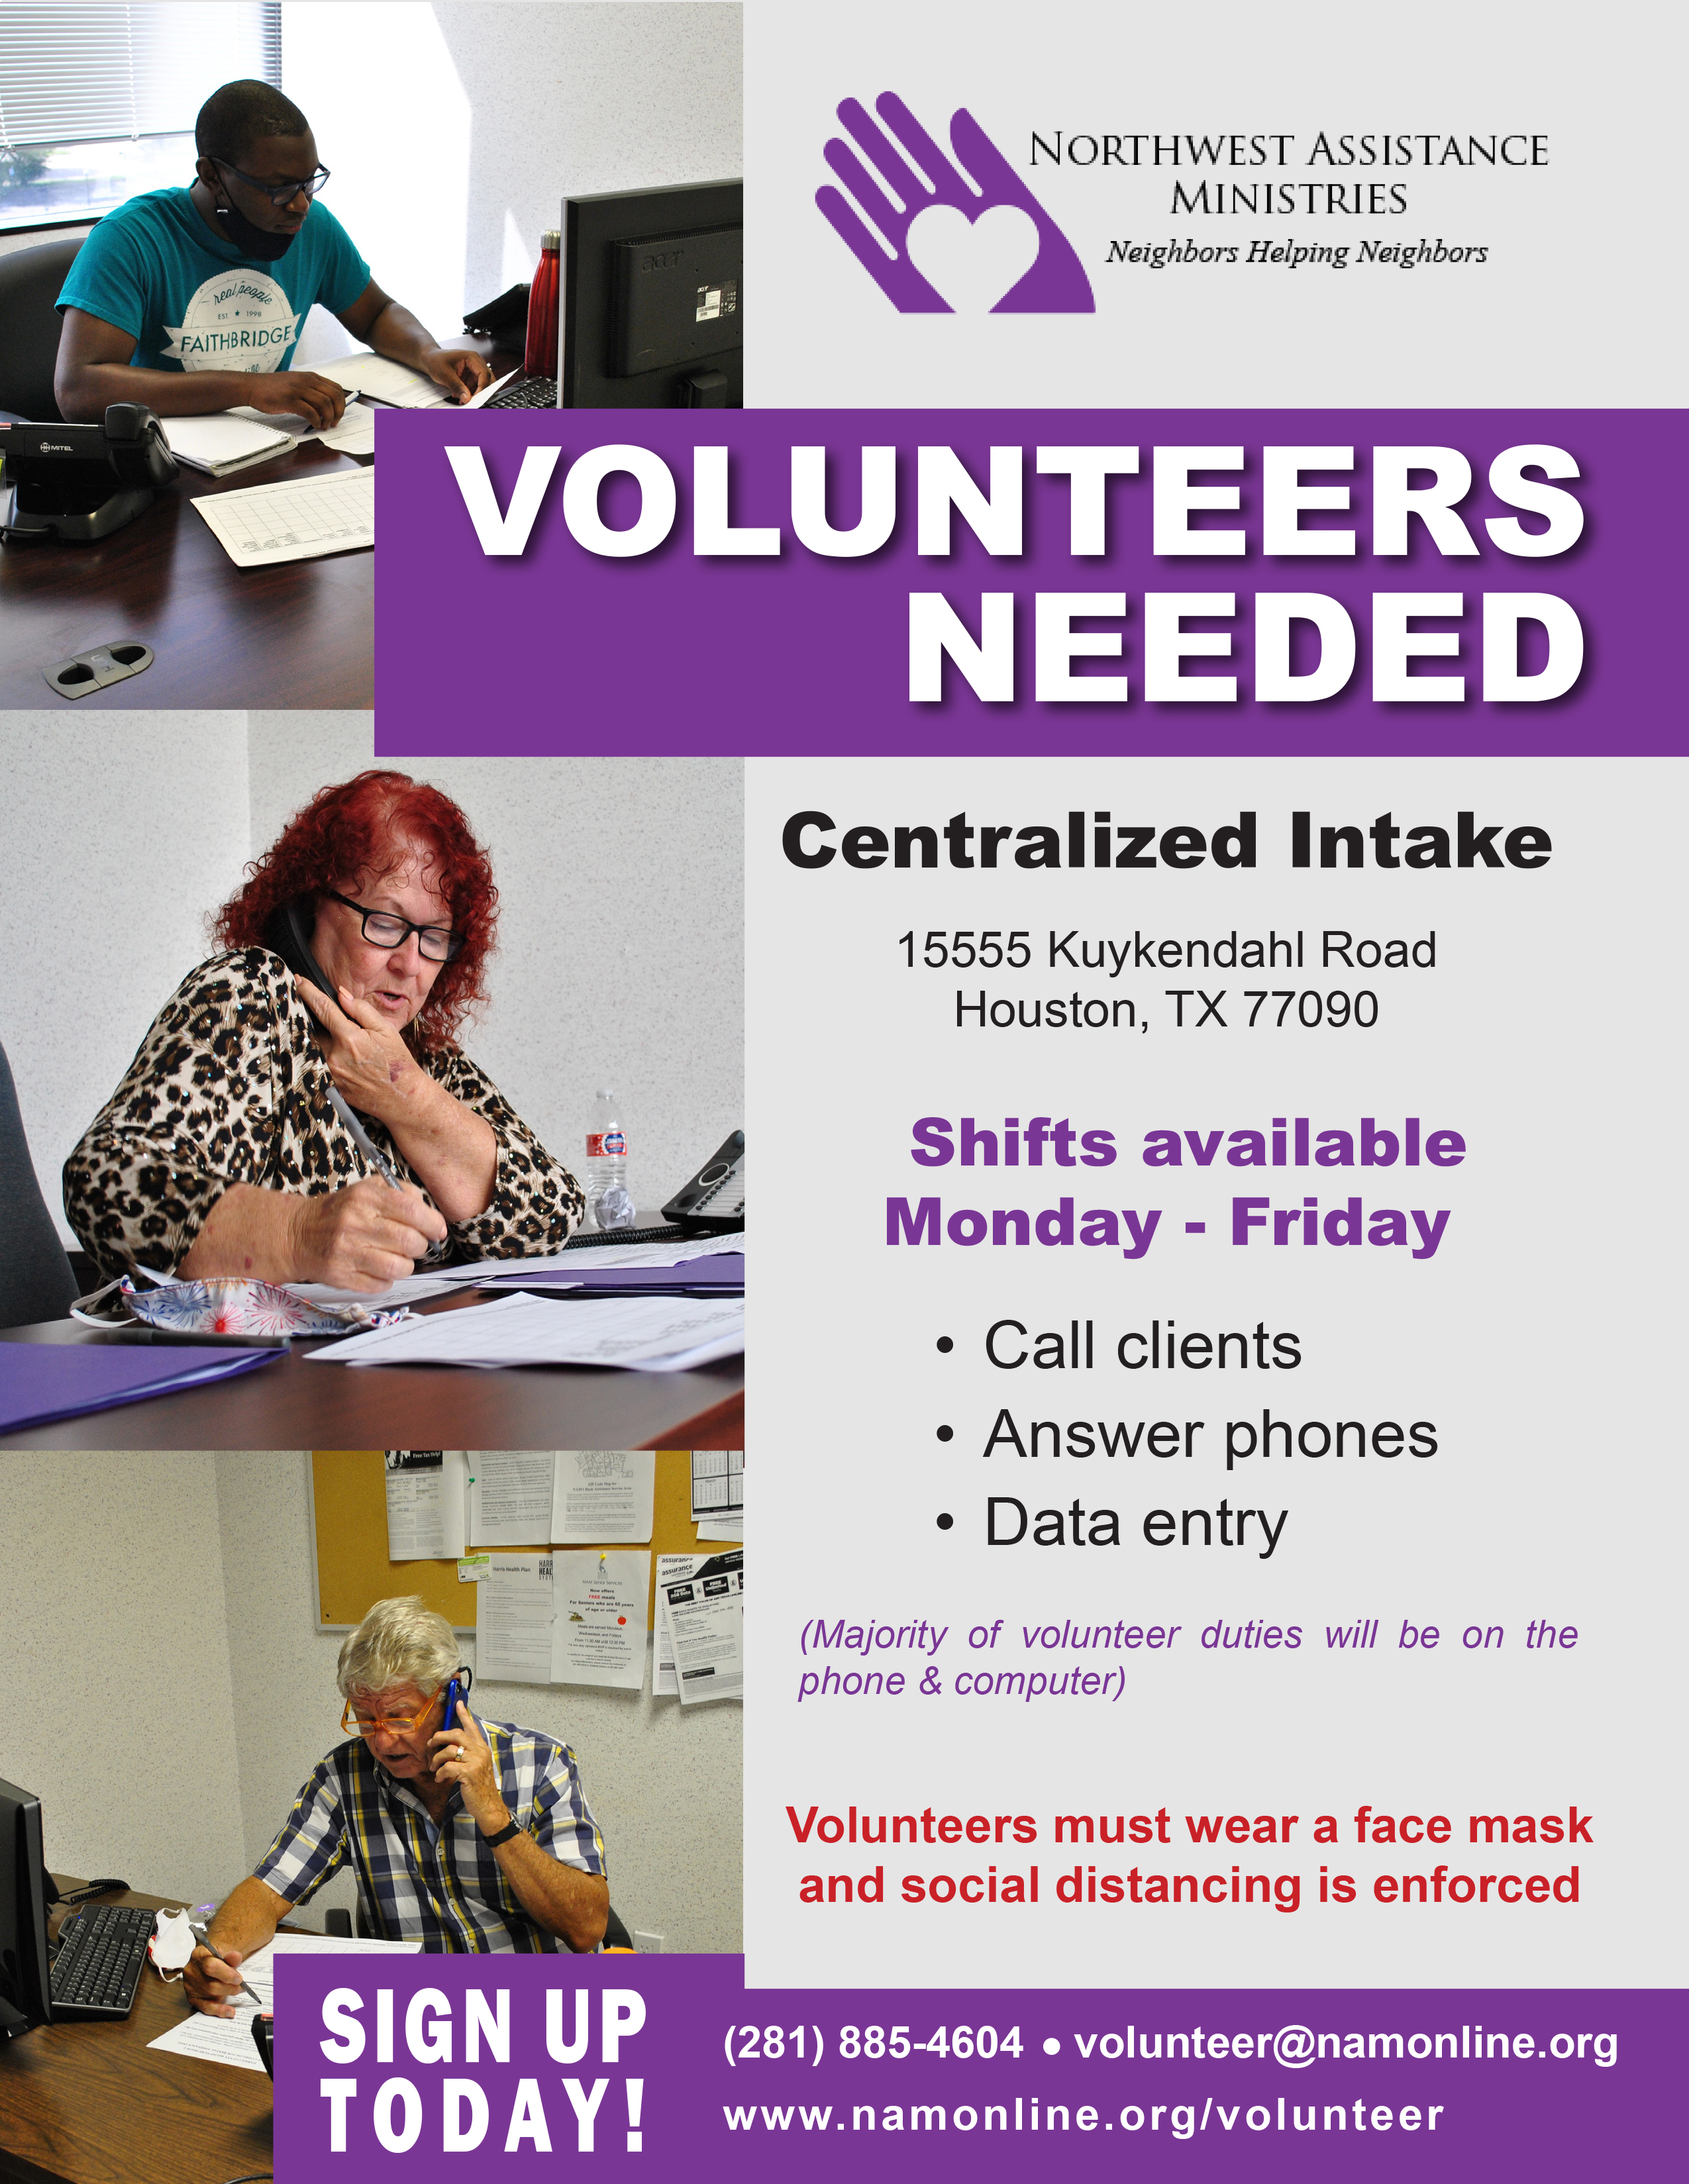 Centralized_Intake_Volunteers_flyer.jpg